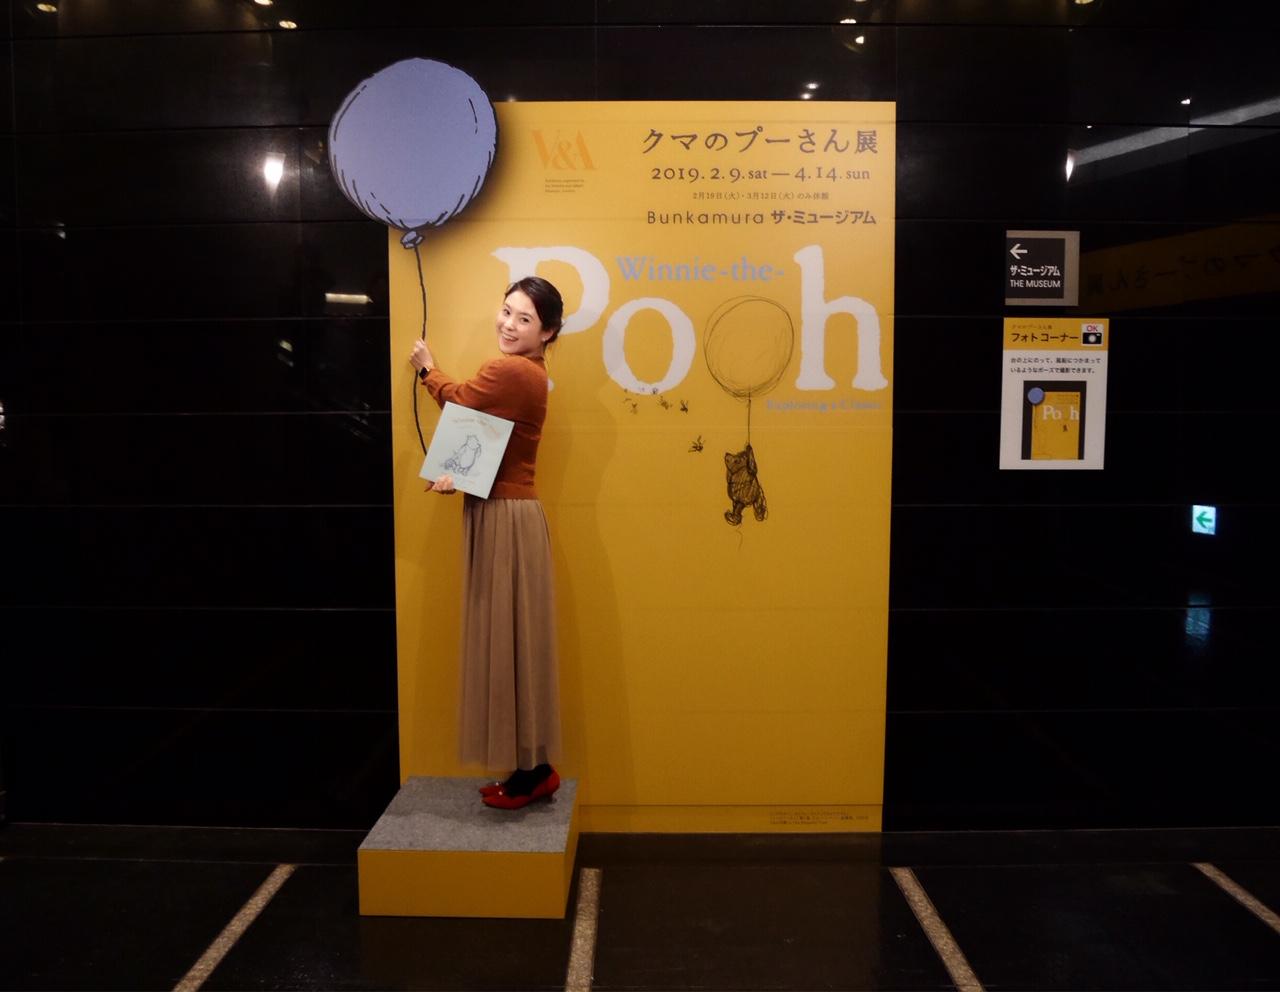 限定商品も♪グッズが充実「クマのプーさん展」が日本に来た!